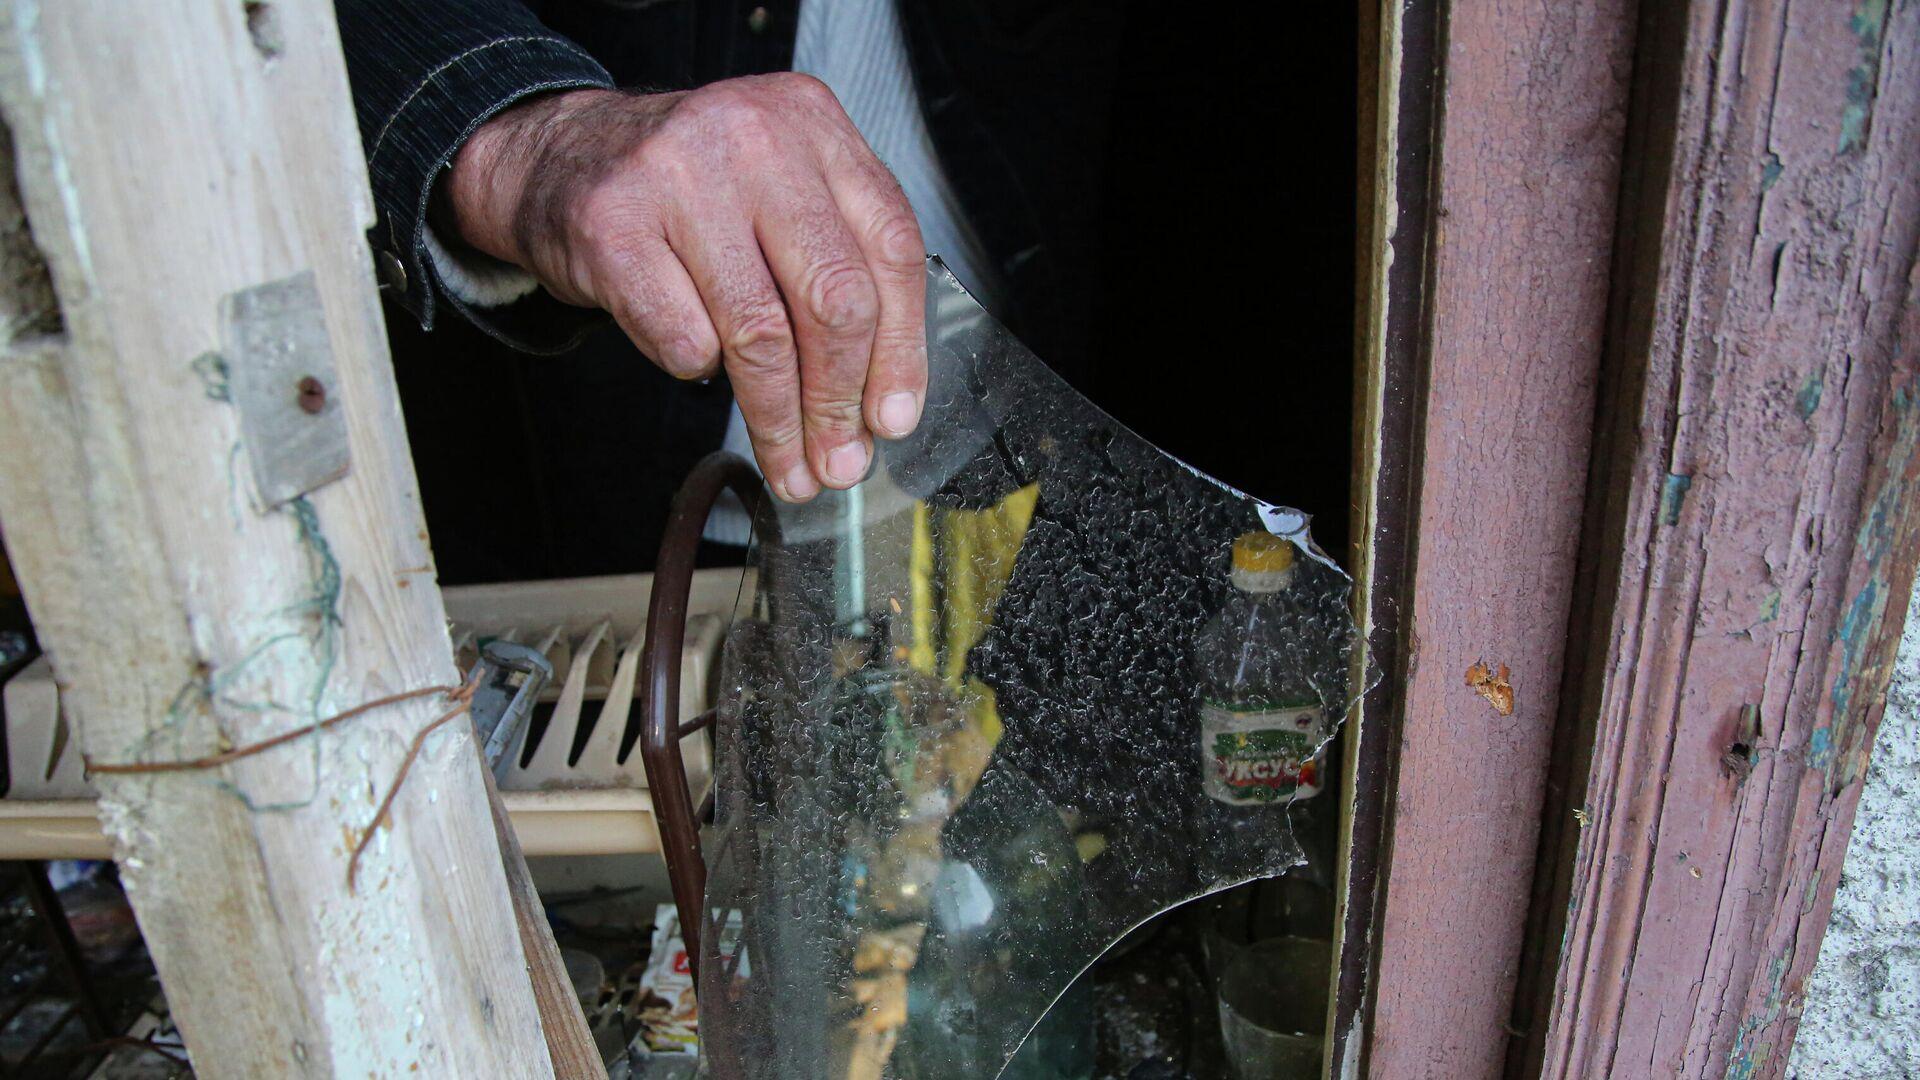 Местный житель из села Васильевка Донецкой области держит кусок разбитого стекла из разбитого окна жилого дома, пострадавшего в результате обстрела - РИА Новости, 1920, 12.04.2021